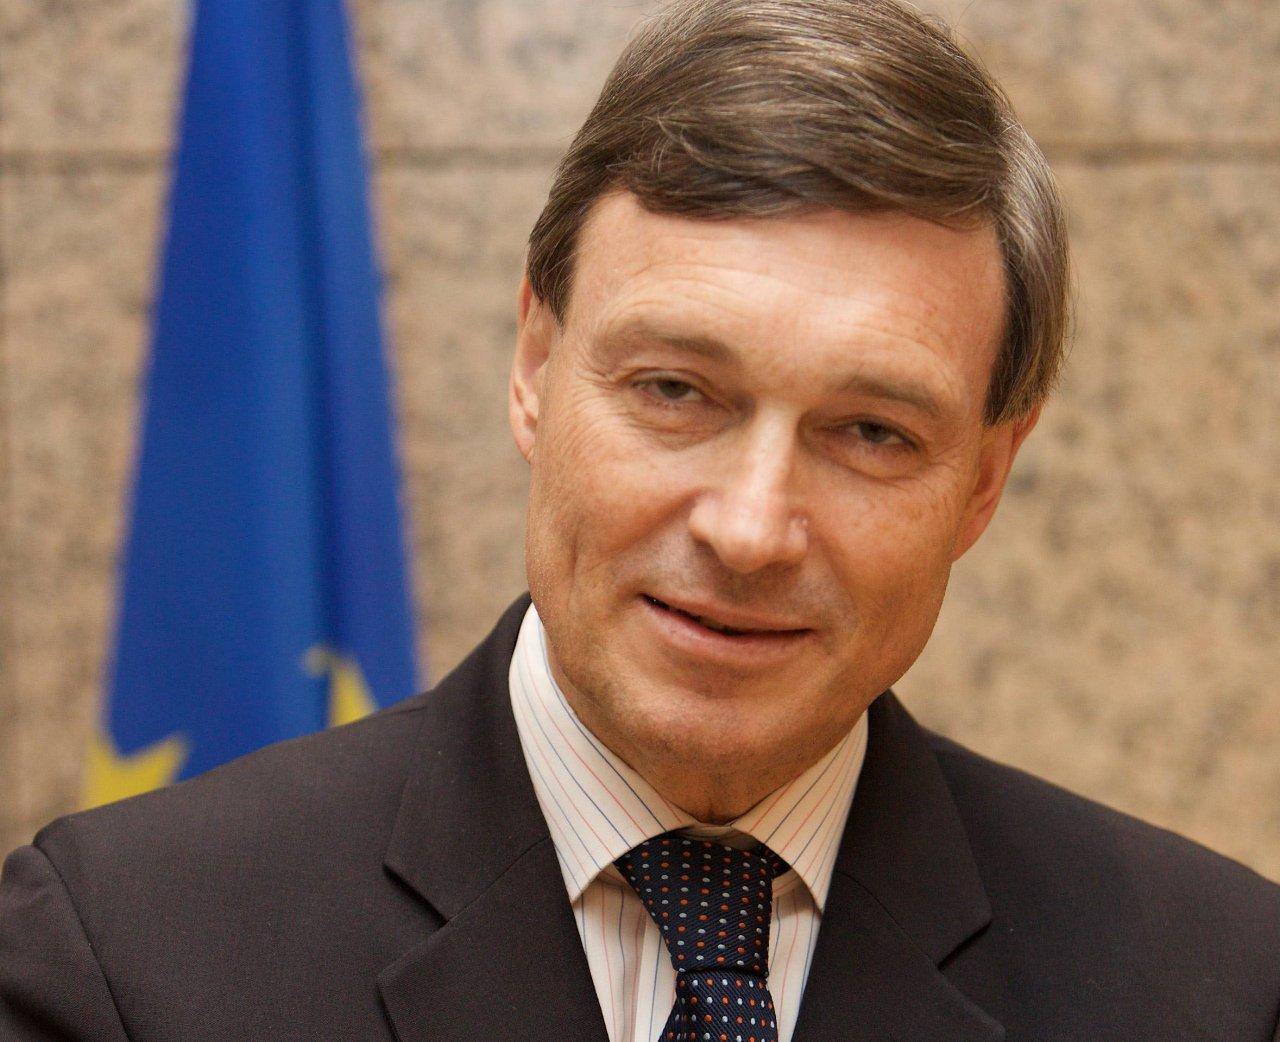 歐盟駐中國大使 籲北京釋放桂民海